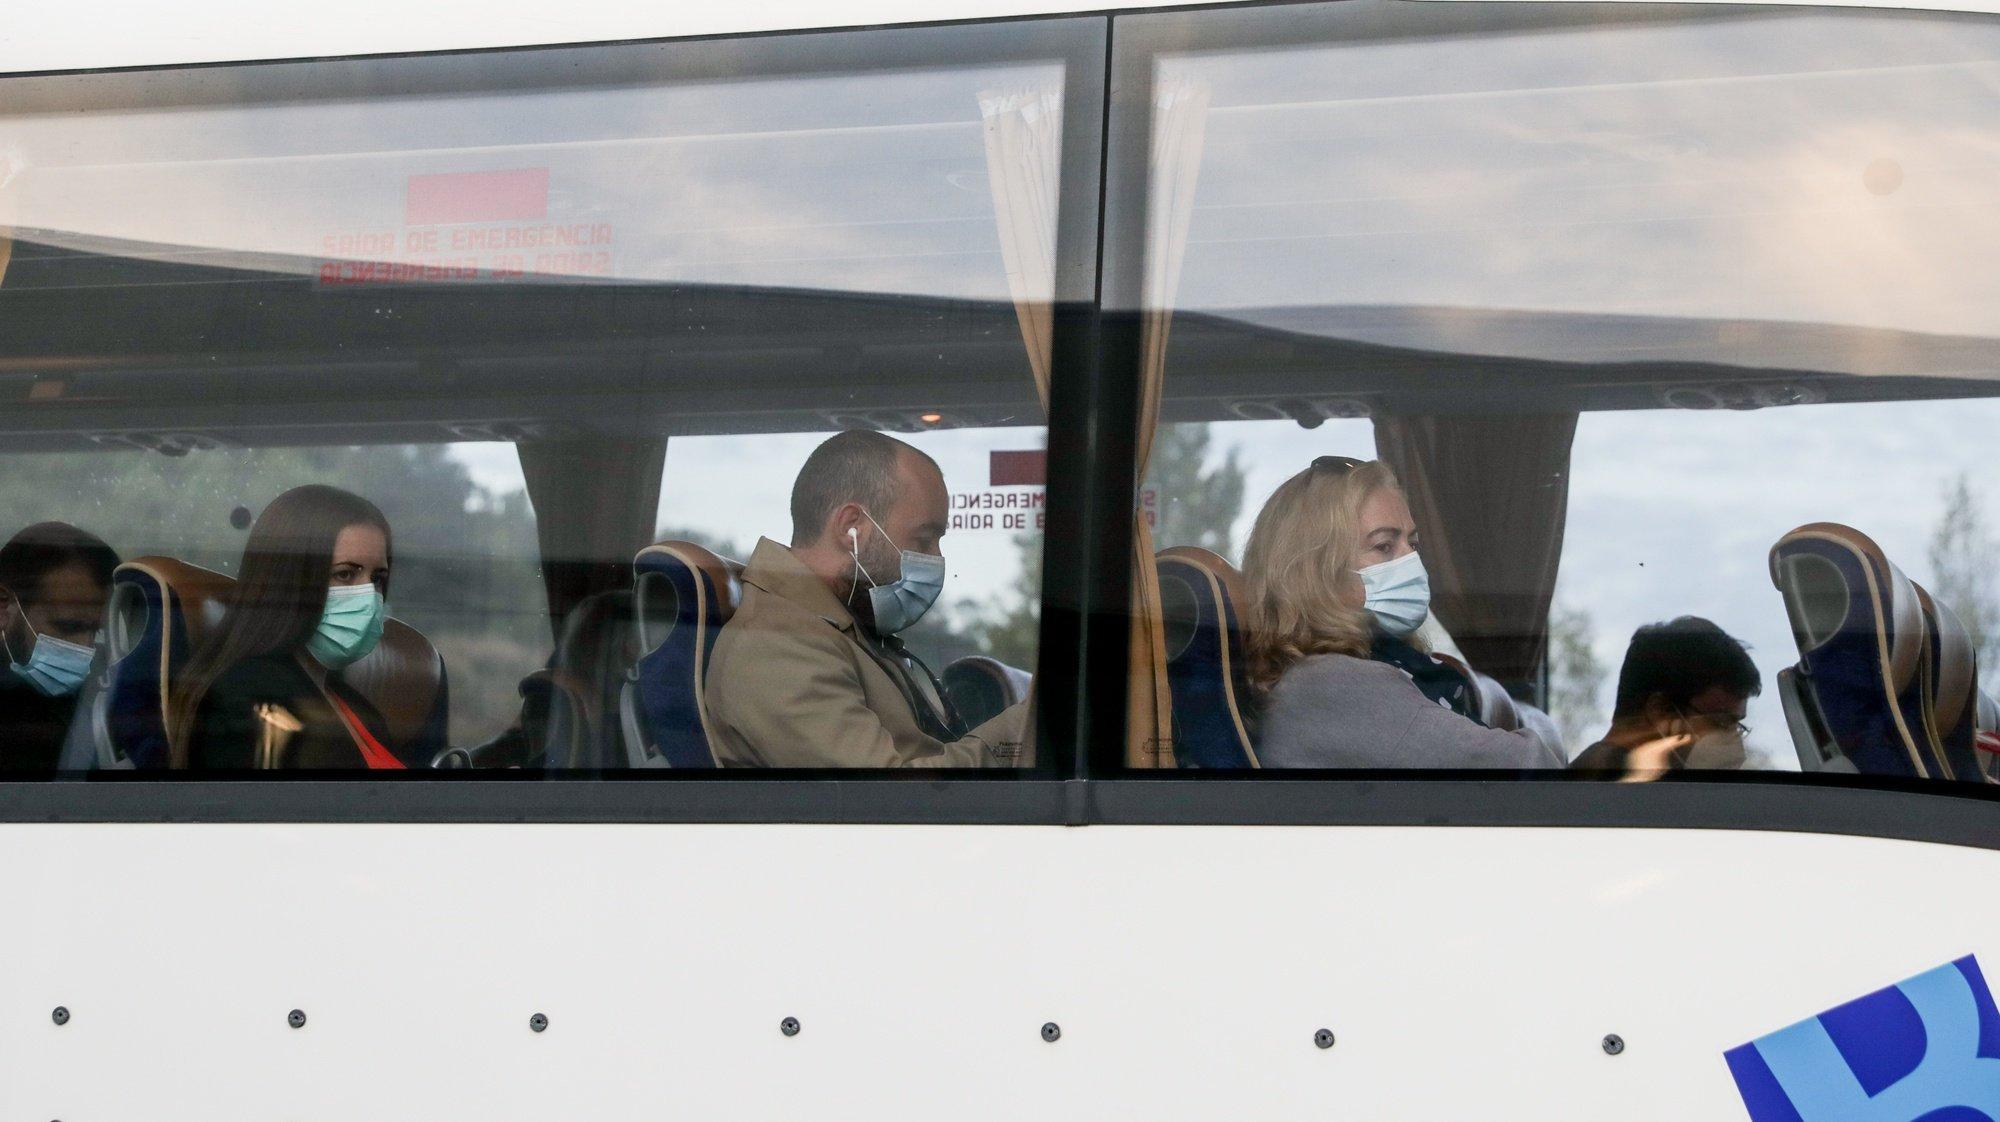 Passageiros partem num autocarro no Terminal Rodoviário de Torres Vedras, 08 de Outubro de 2020. Entre os utentes diários dos transportes públicos na região Oeste, há passageiros que se queixam de algumas carreiras diretas para Lisboa lotadas, enquanto outros se mostram satisfeitos com a oferta e com as medidas implementadas por causa da covid-19. (ACOMPANHA TEXTO DA LUSA) TIAGO PETINGA/LUSA